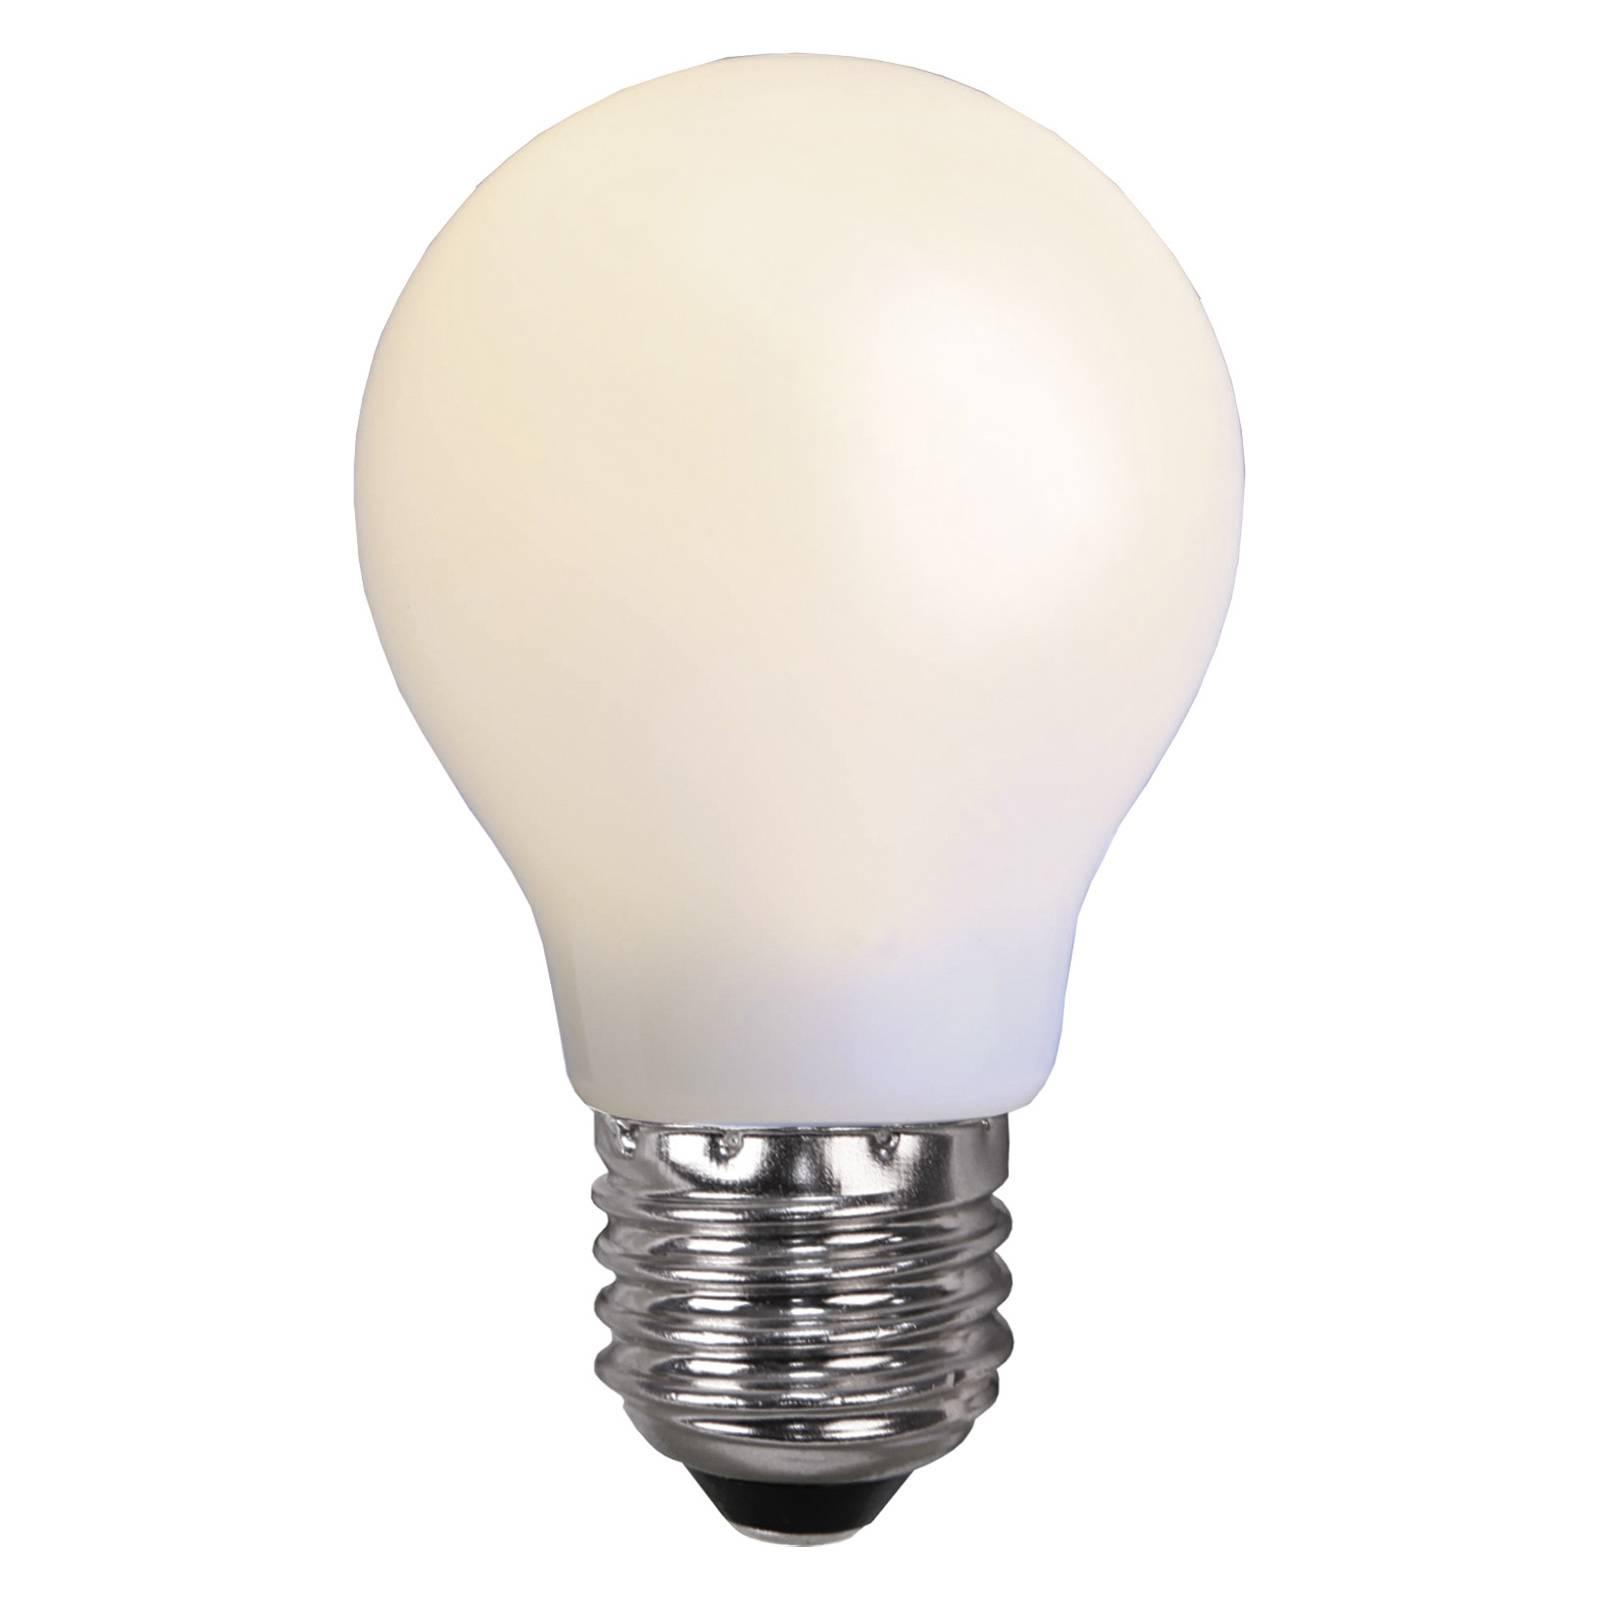 LED-Lampe E27 für Lichterketten, bruchfest, weiß